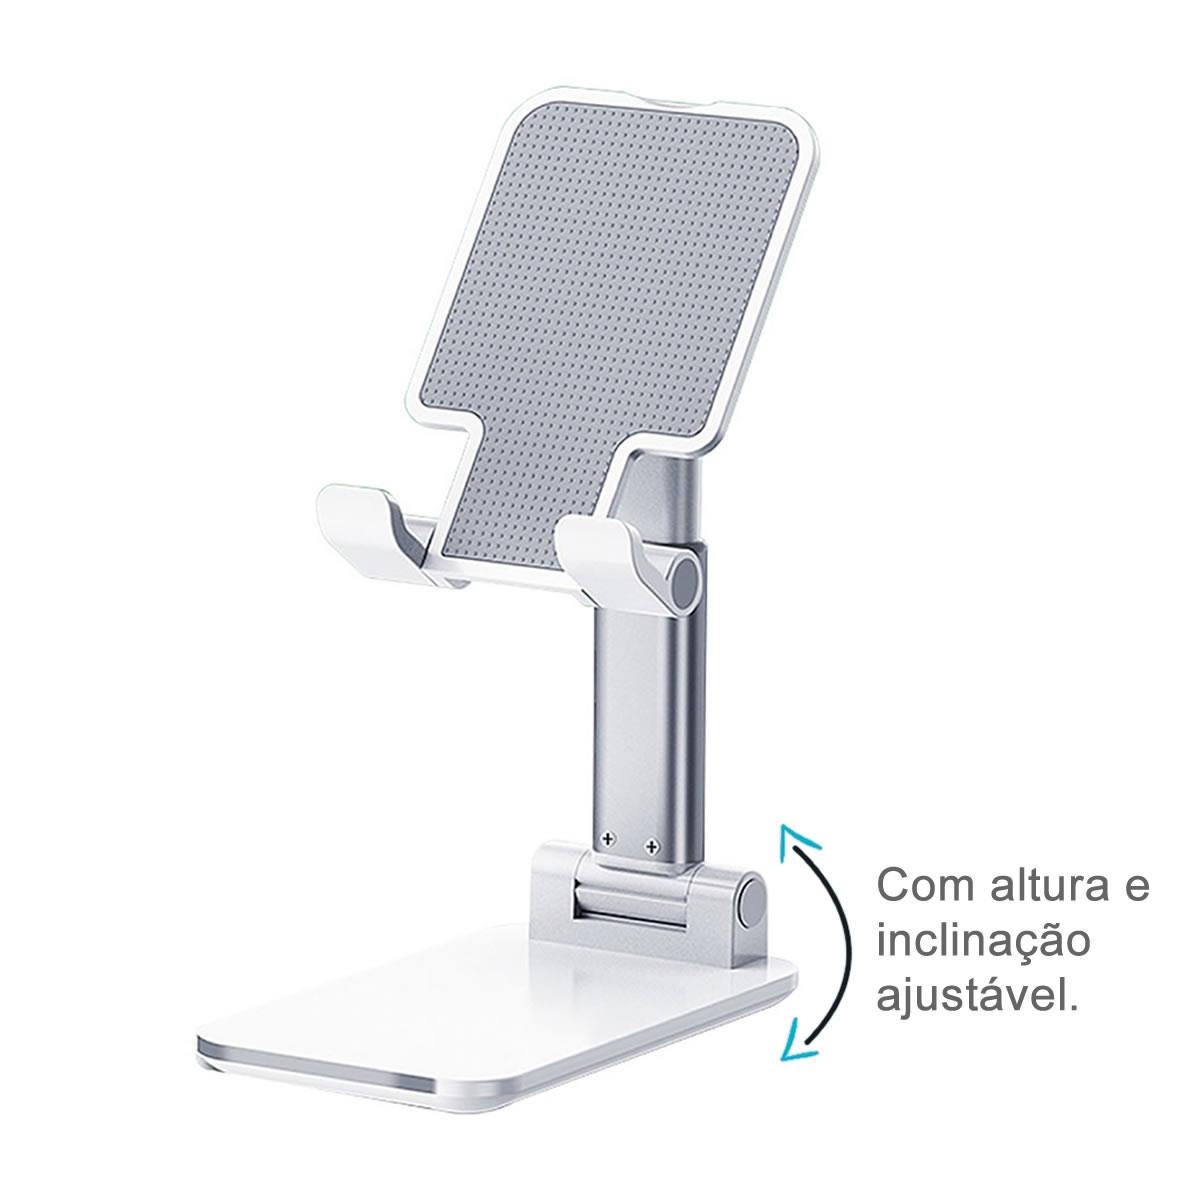 Suporte de Mesa para Celular Altura e Inclinação Ajustável Antideslizante Kimaster SU125 Branco